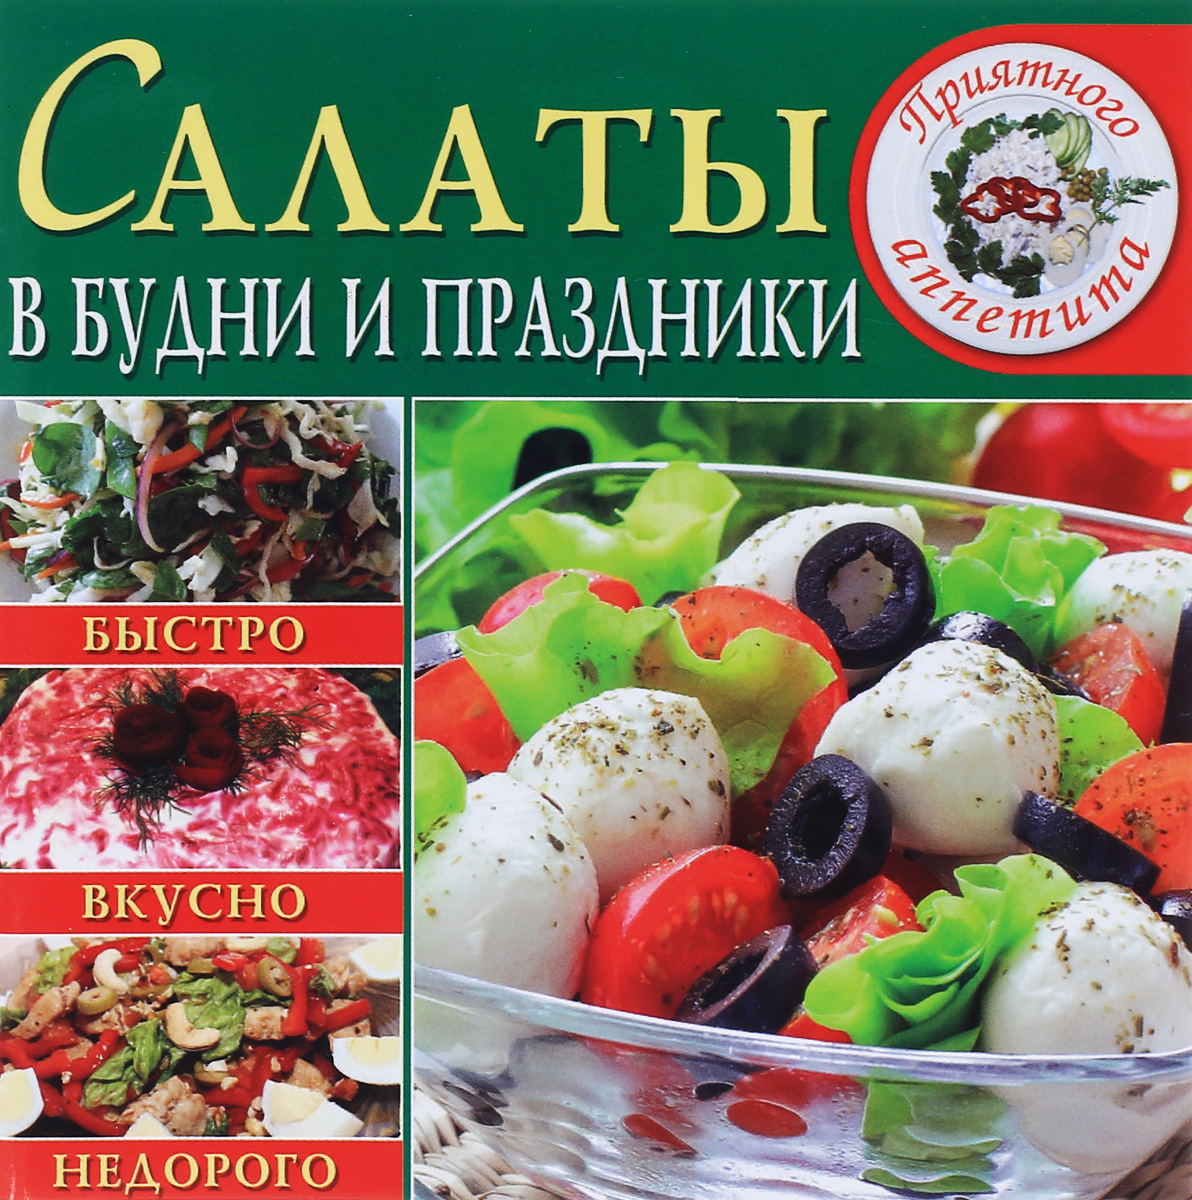 Салаты в будни и праздники синельникова а 213 рецептов вкусных блюд для аллергиков